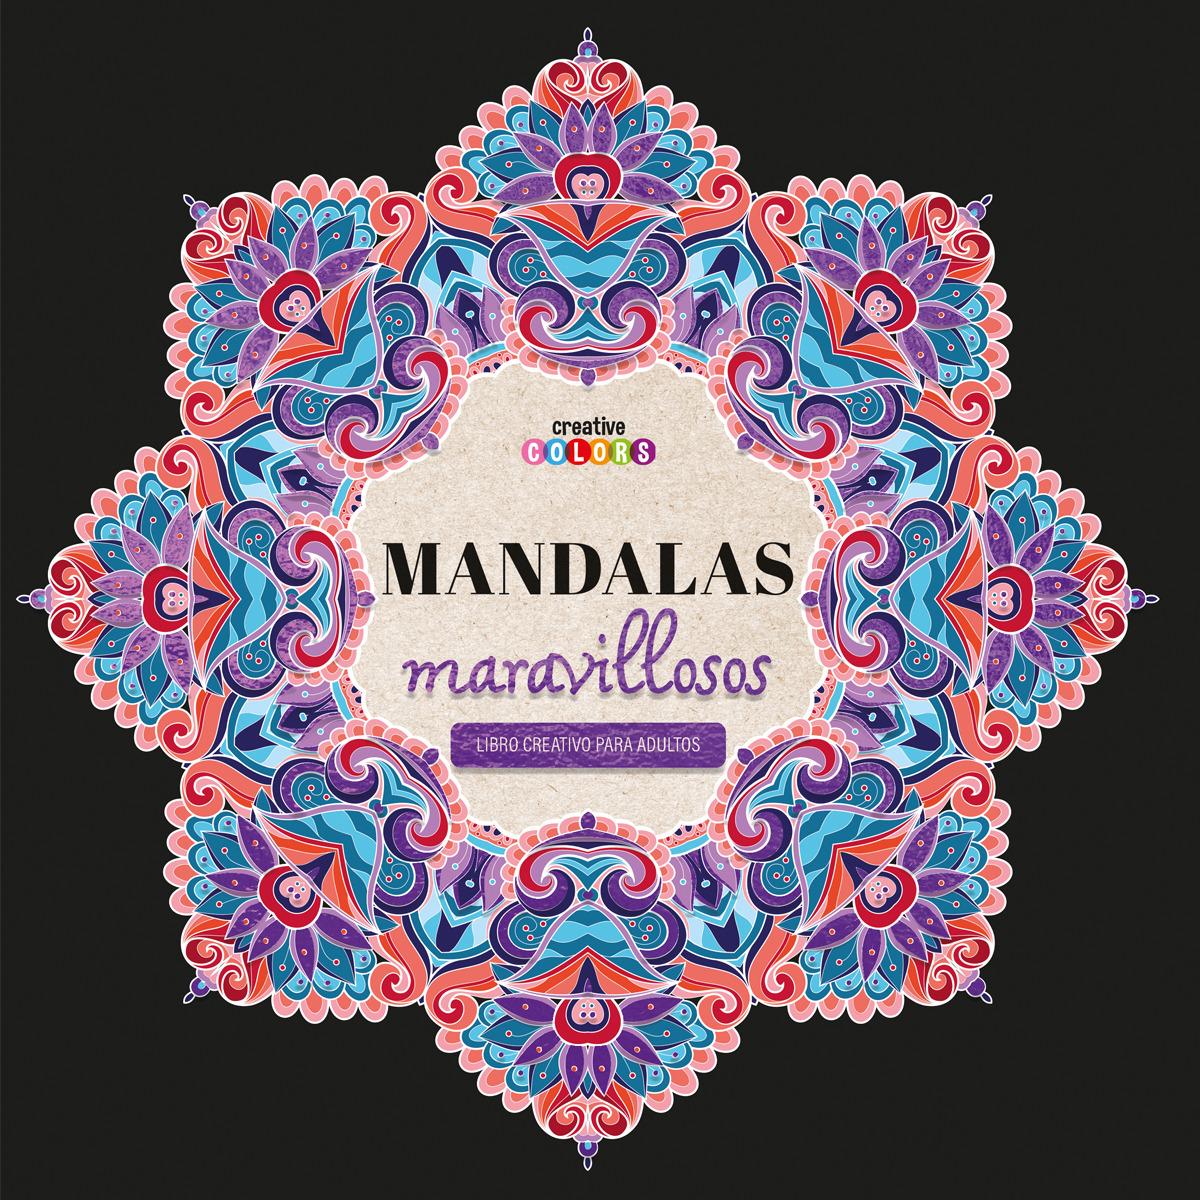 MANDALAS MARAVILLOSOS